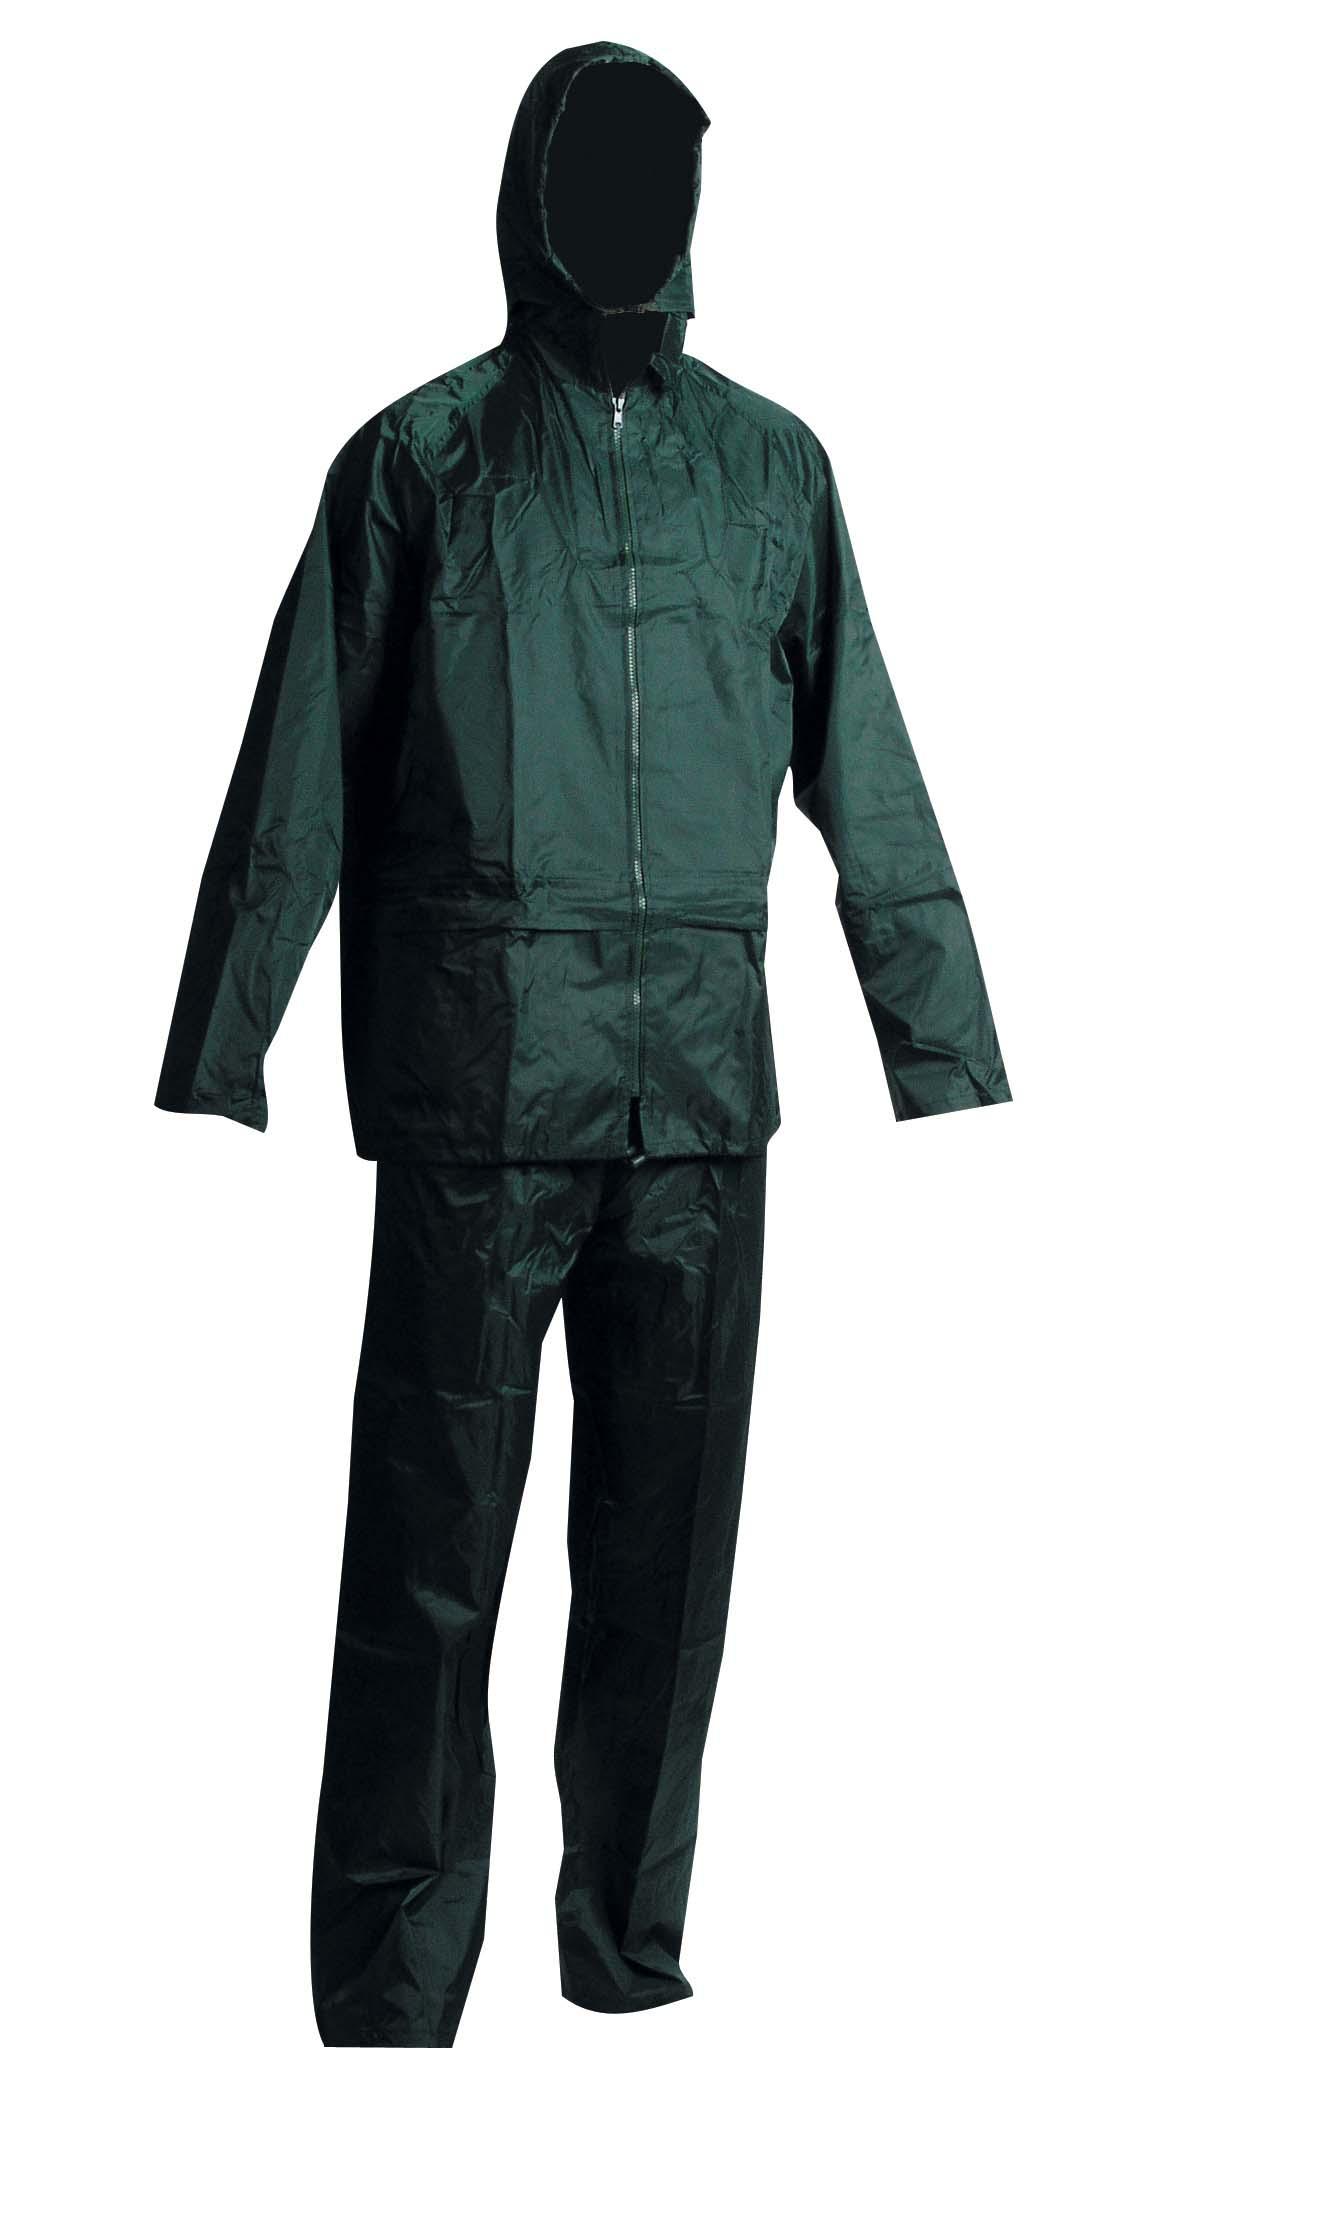 nepromokavé oblek Červa Carina zelený, s přelepenými švy